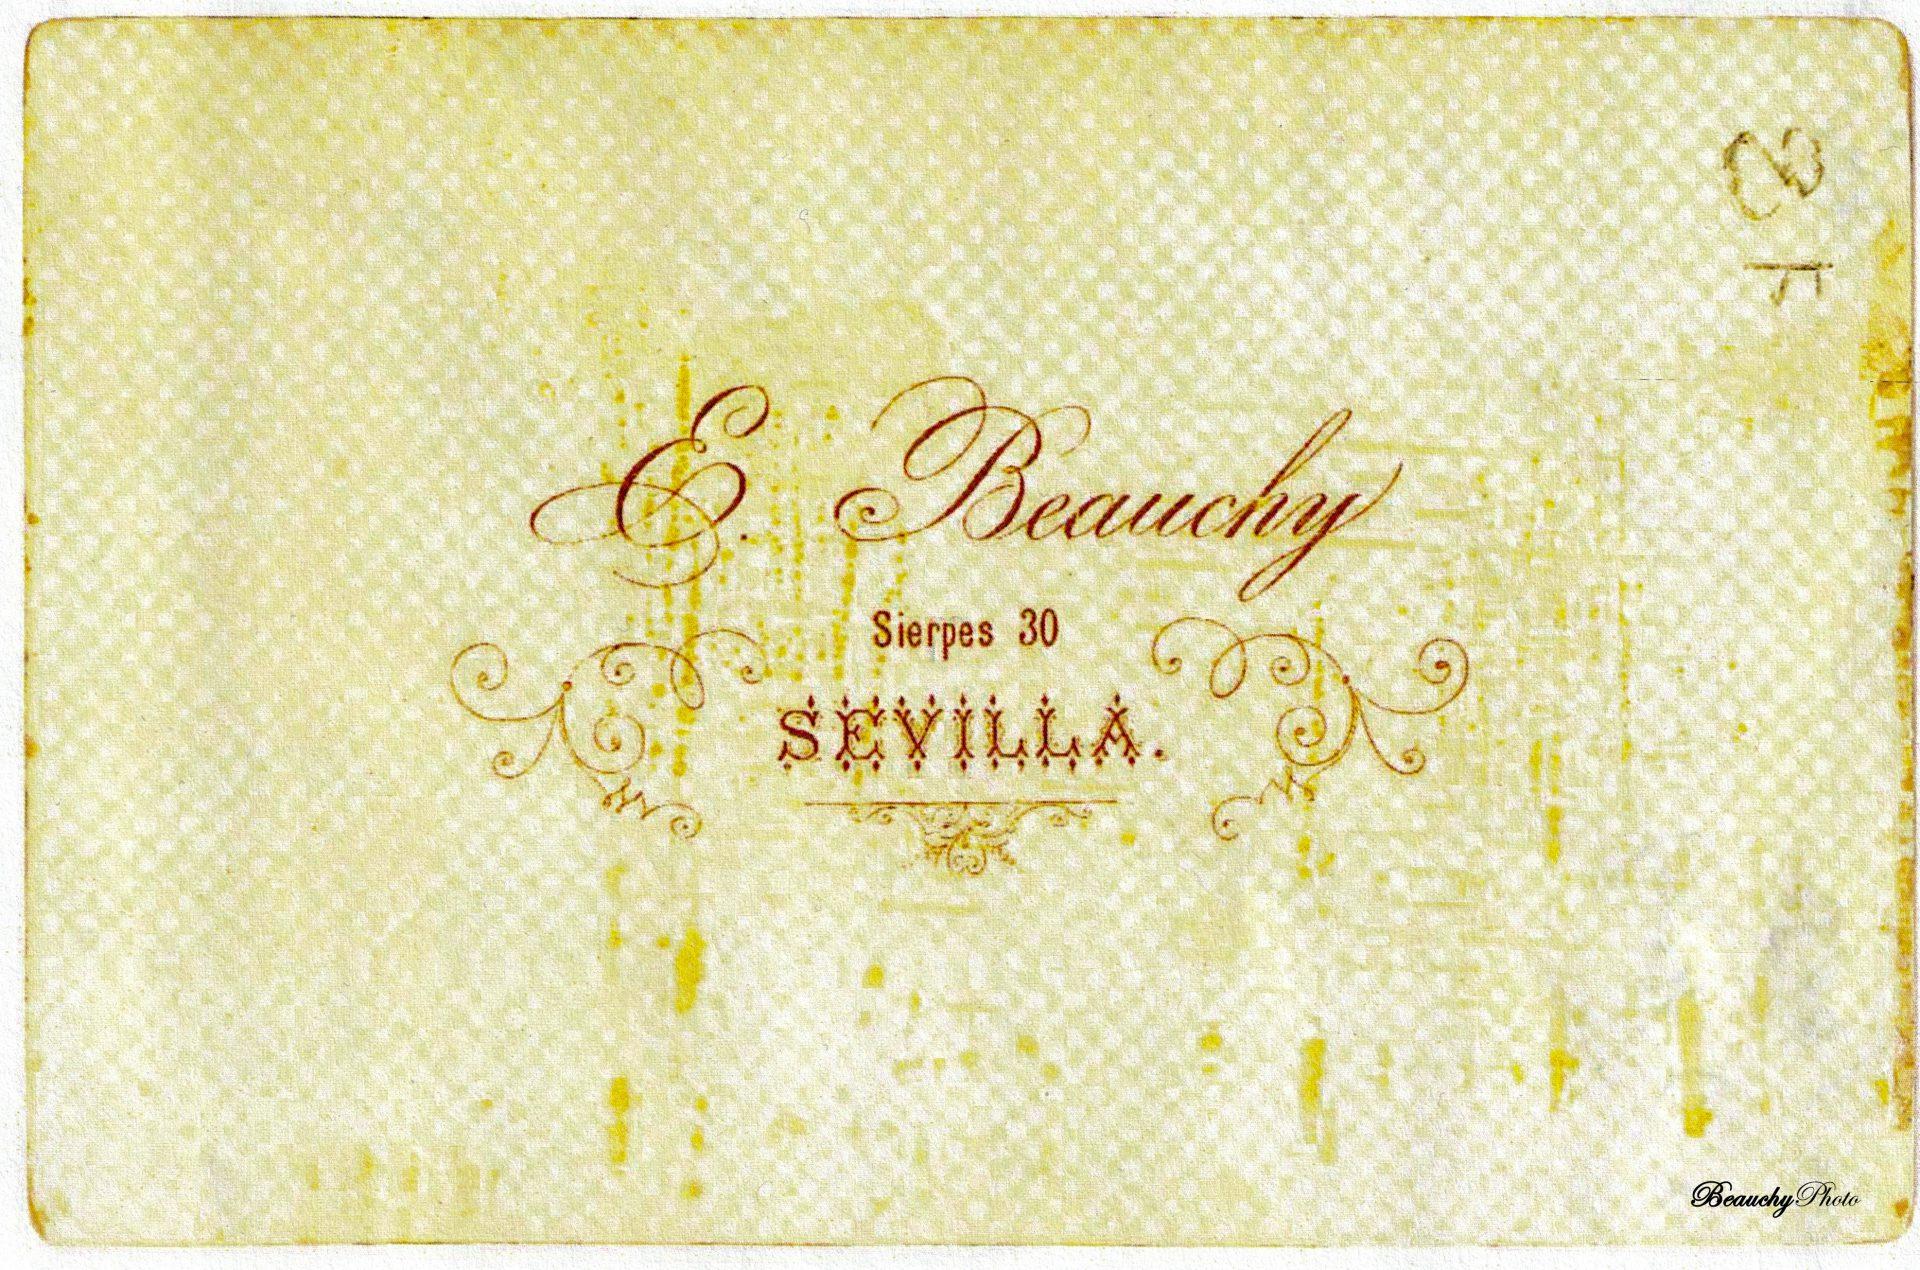 Beauchyphoto_Mª_Dolores_Garcia_Sousa_reverso_Emilio_Beauchy_Cano_fotografias_antiguas_postales_retratos